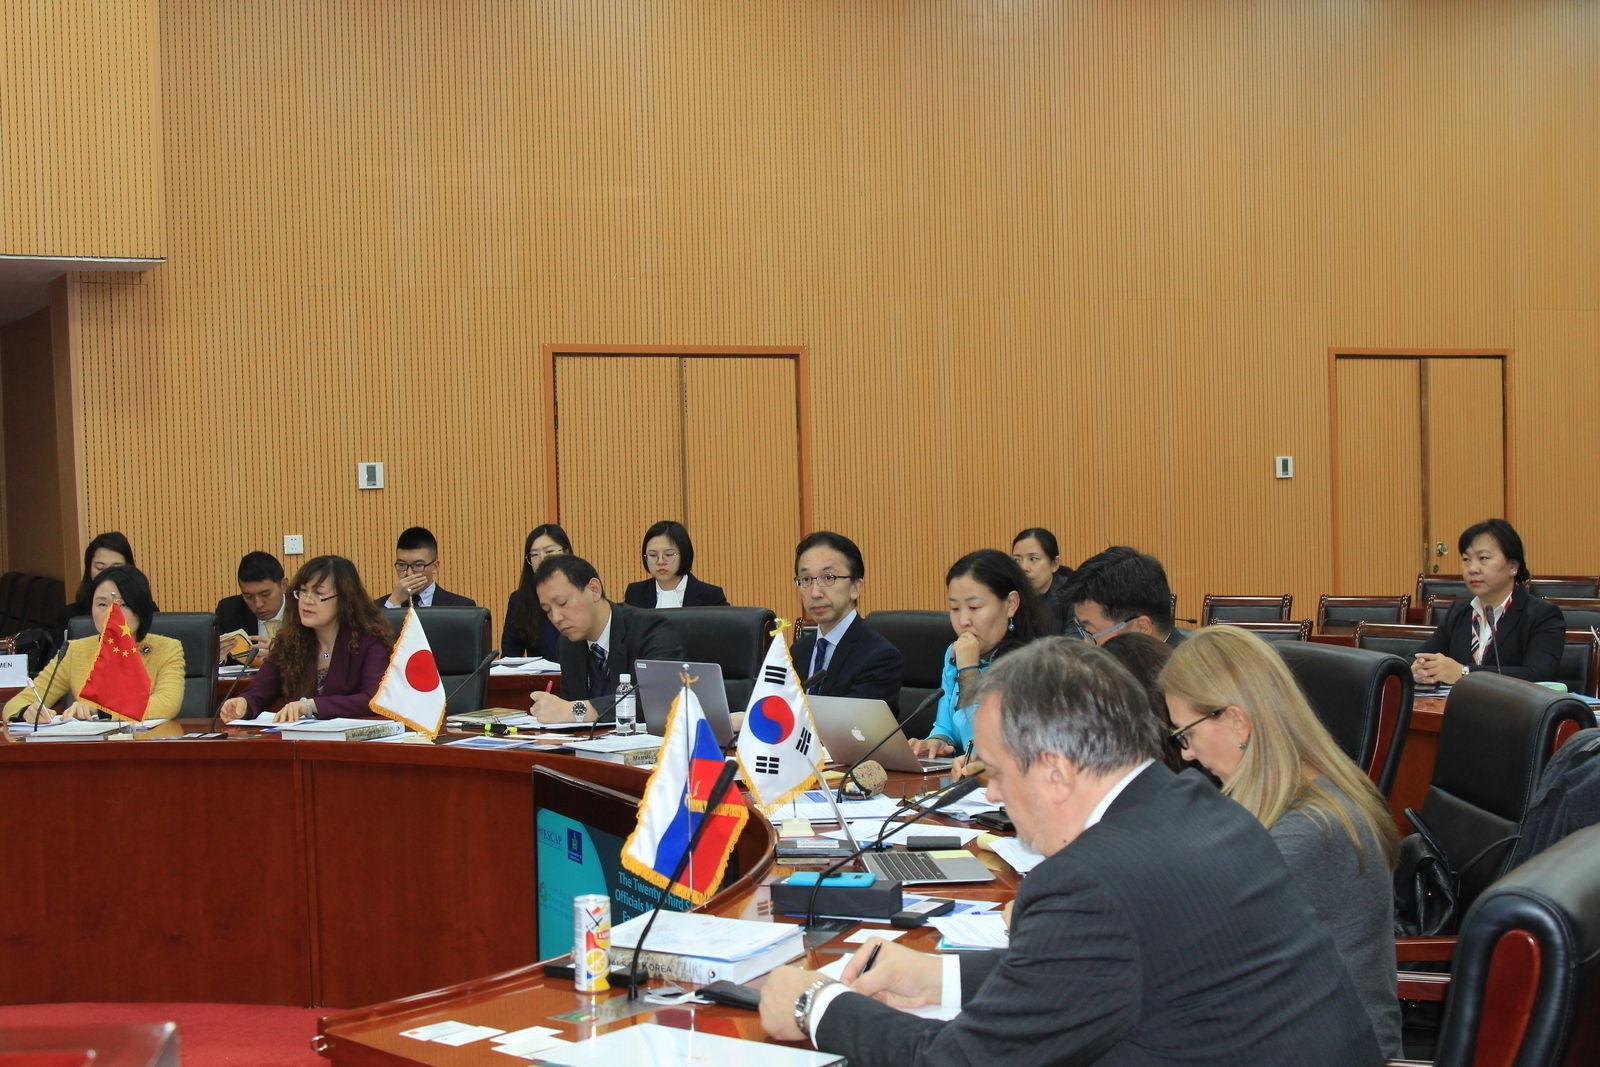 Зүүн хойд Азийн байгаль орчны ахлах албан тушаалтнууд Монголд хуралдаж байна